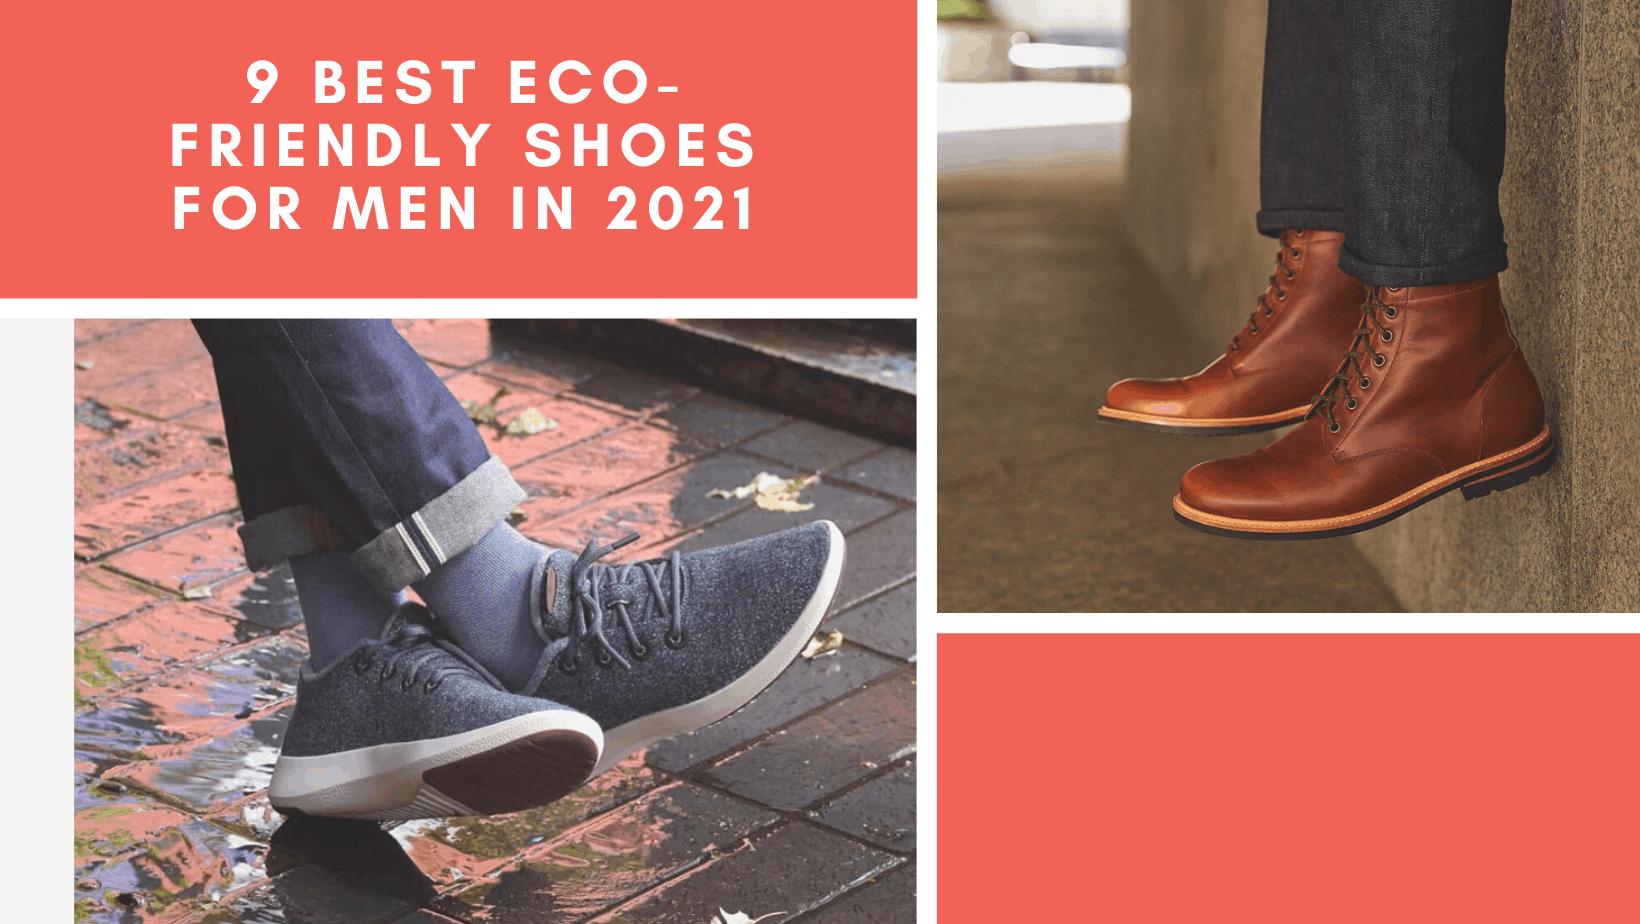 Dudefluencer: Eco Friendly Shoes for Men